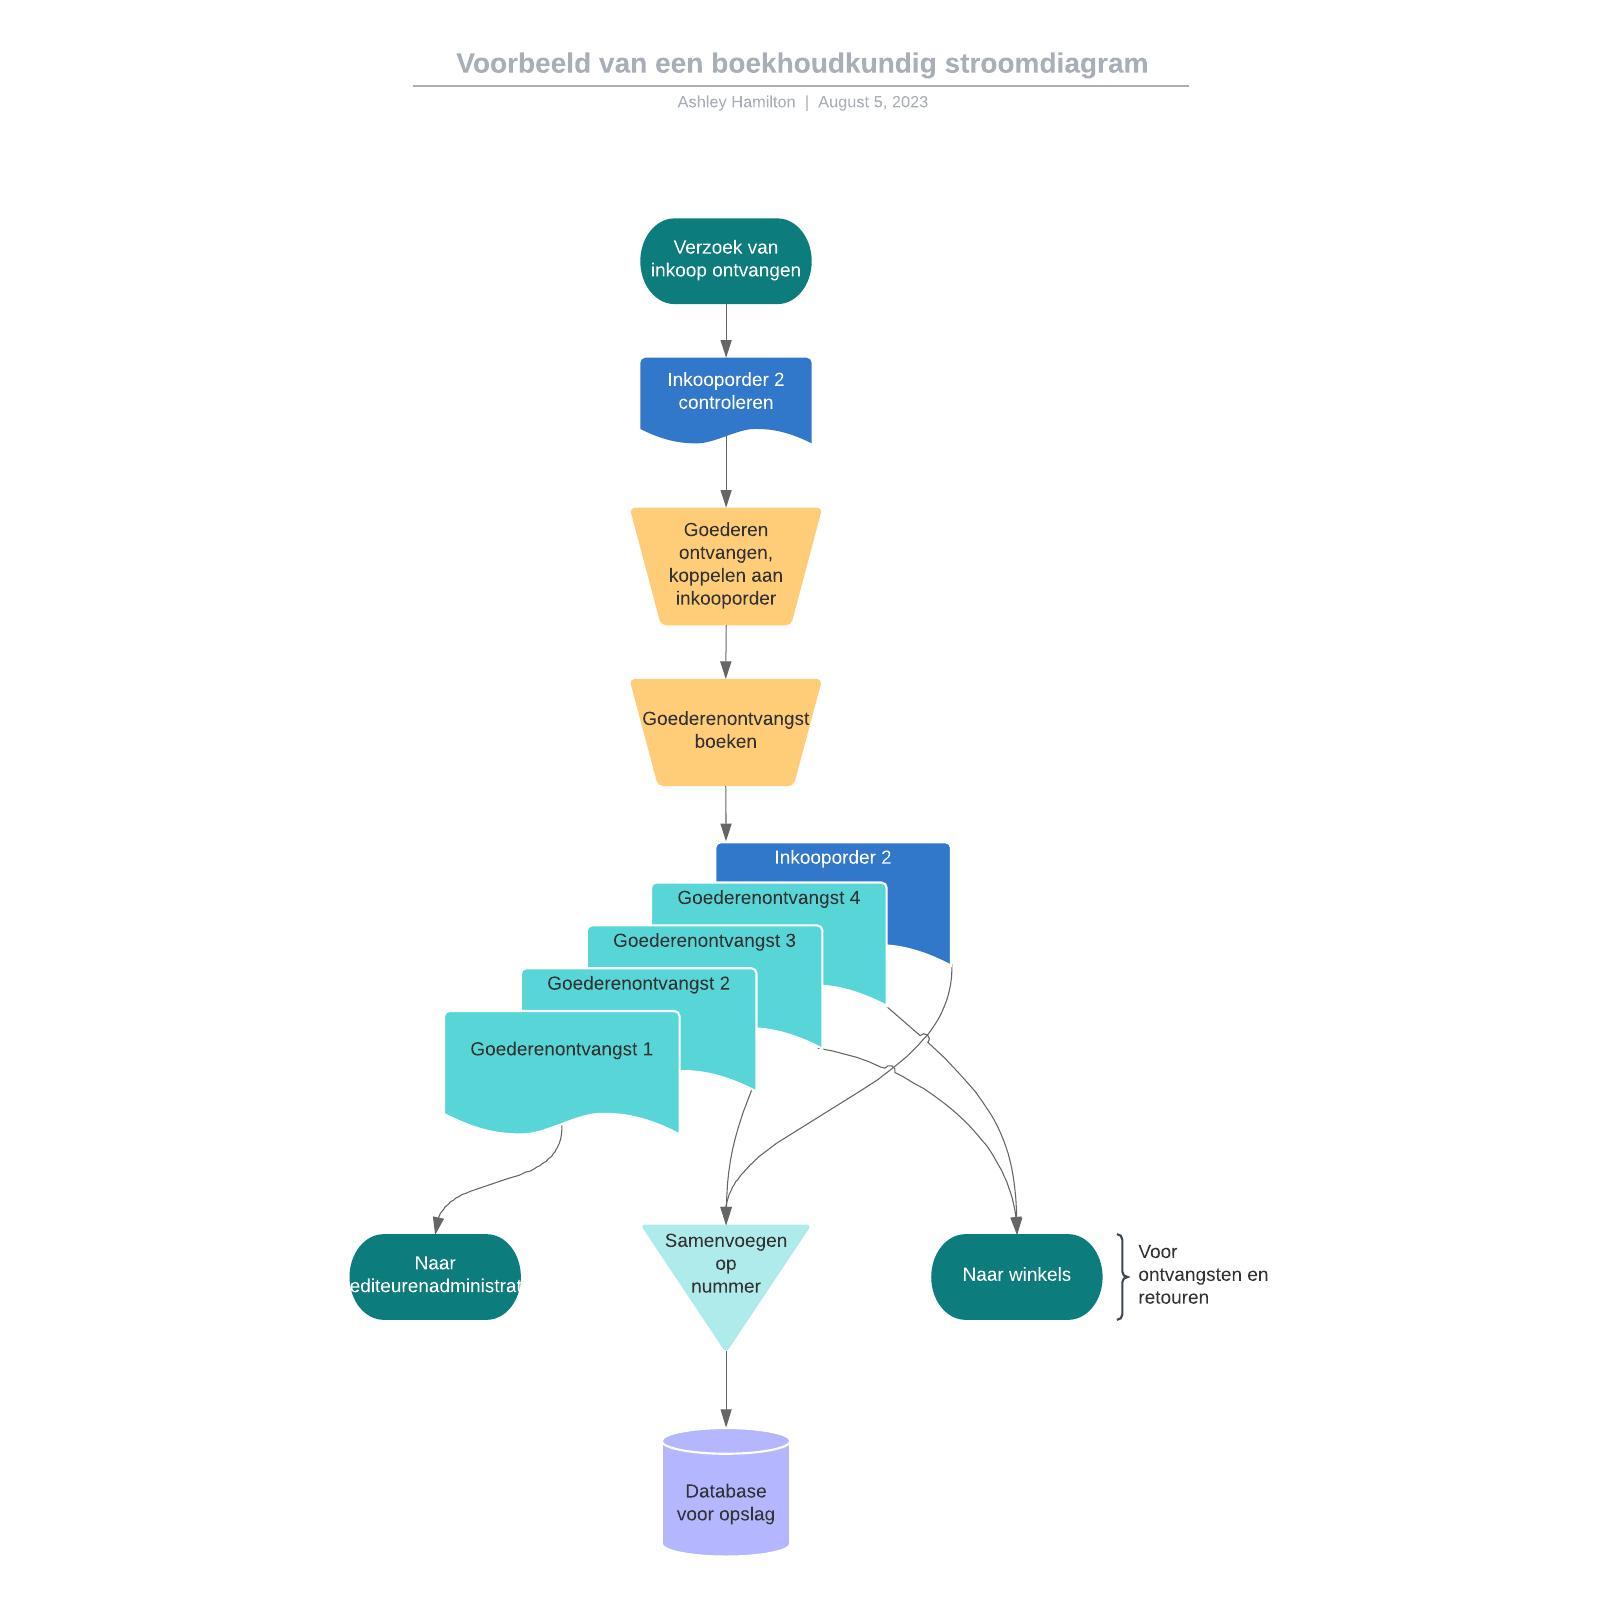 Voorbeeld van een boekhoudkundig stroomdiagram